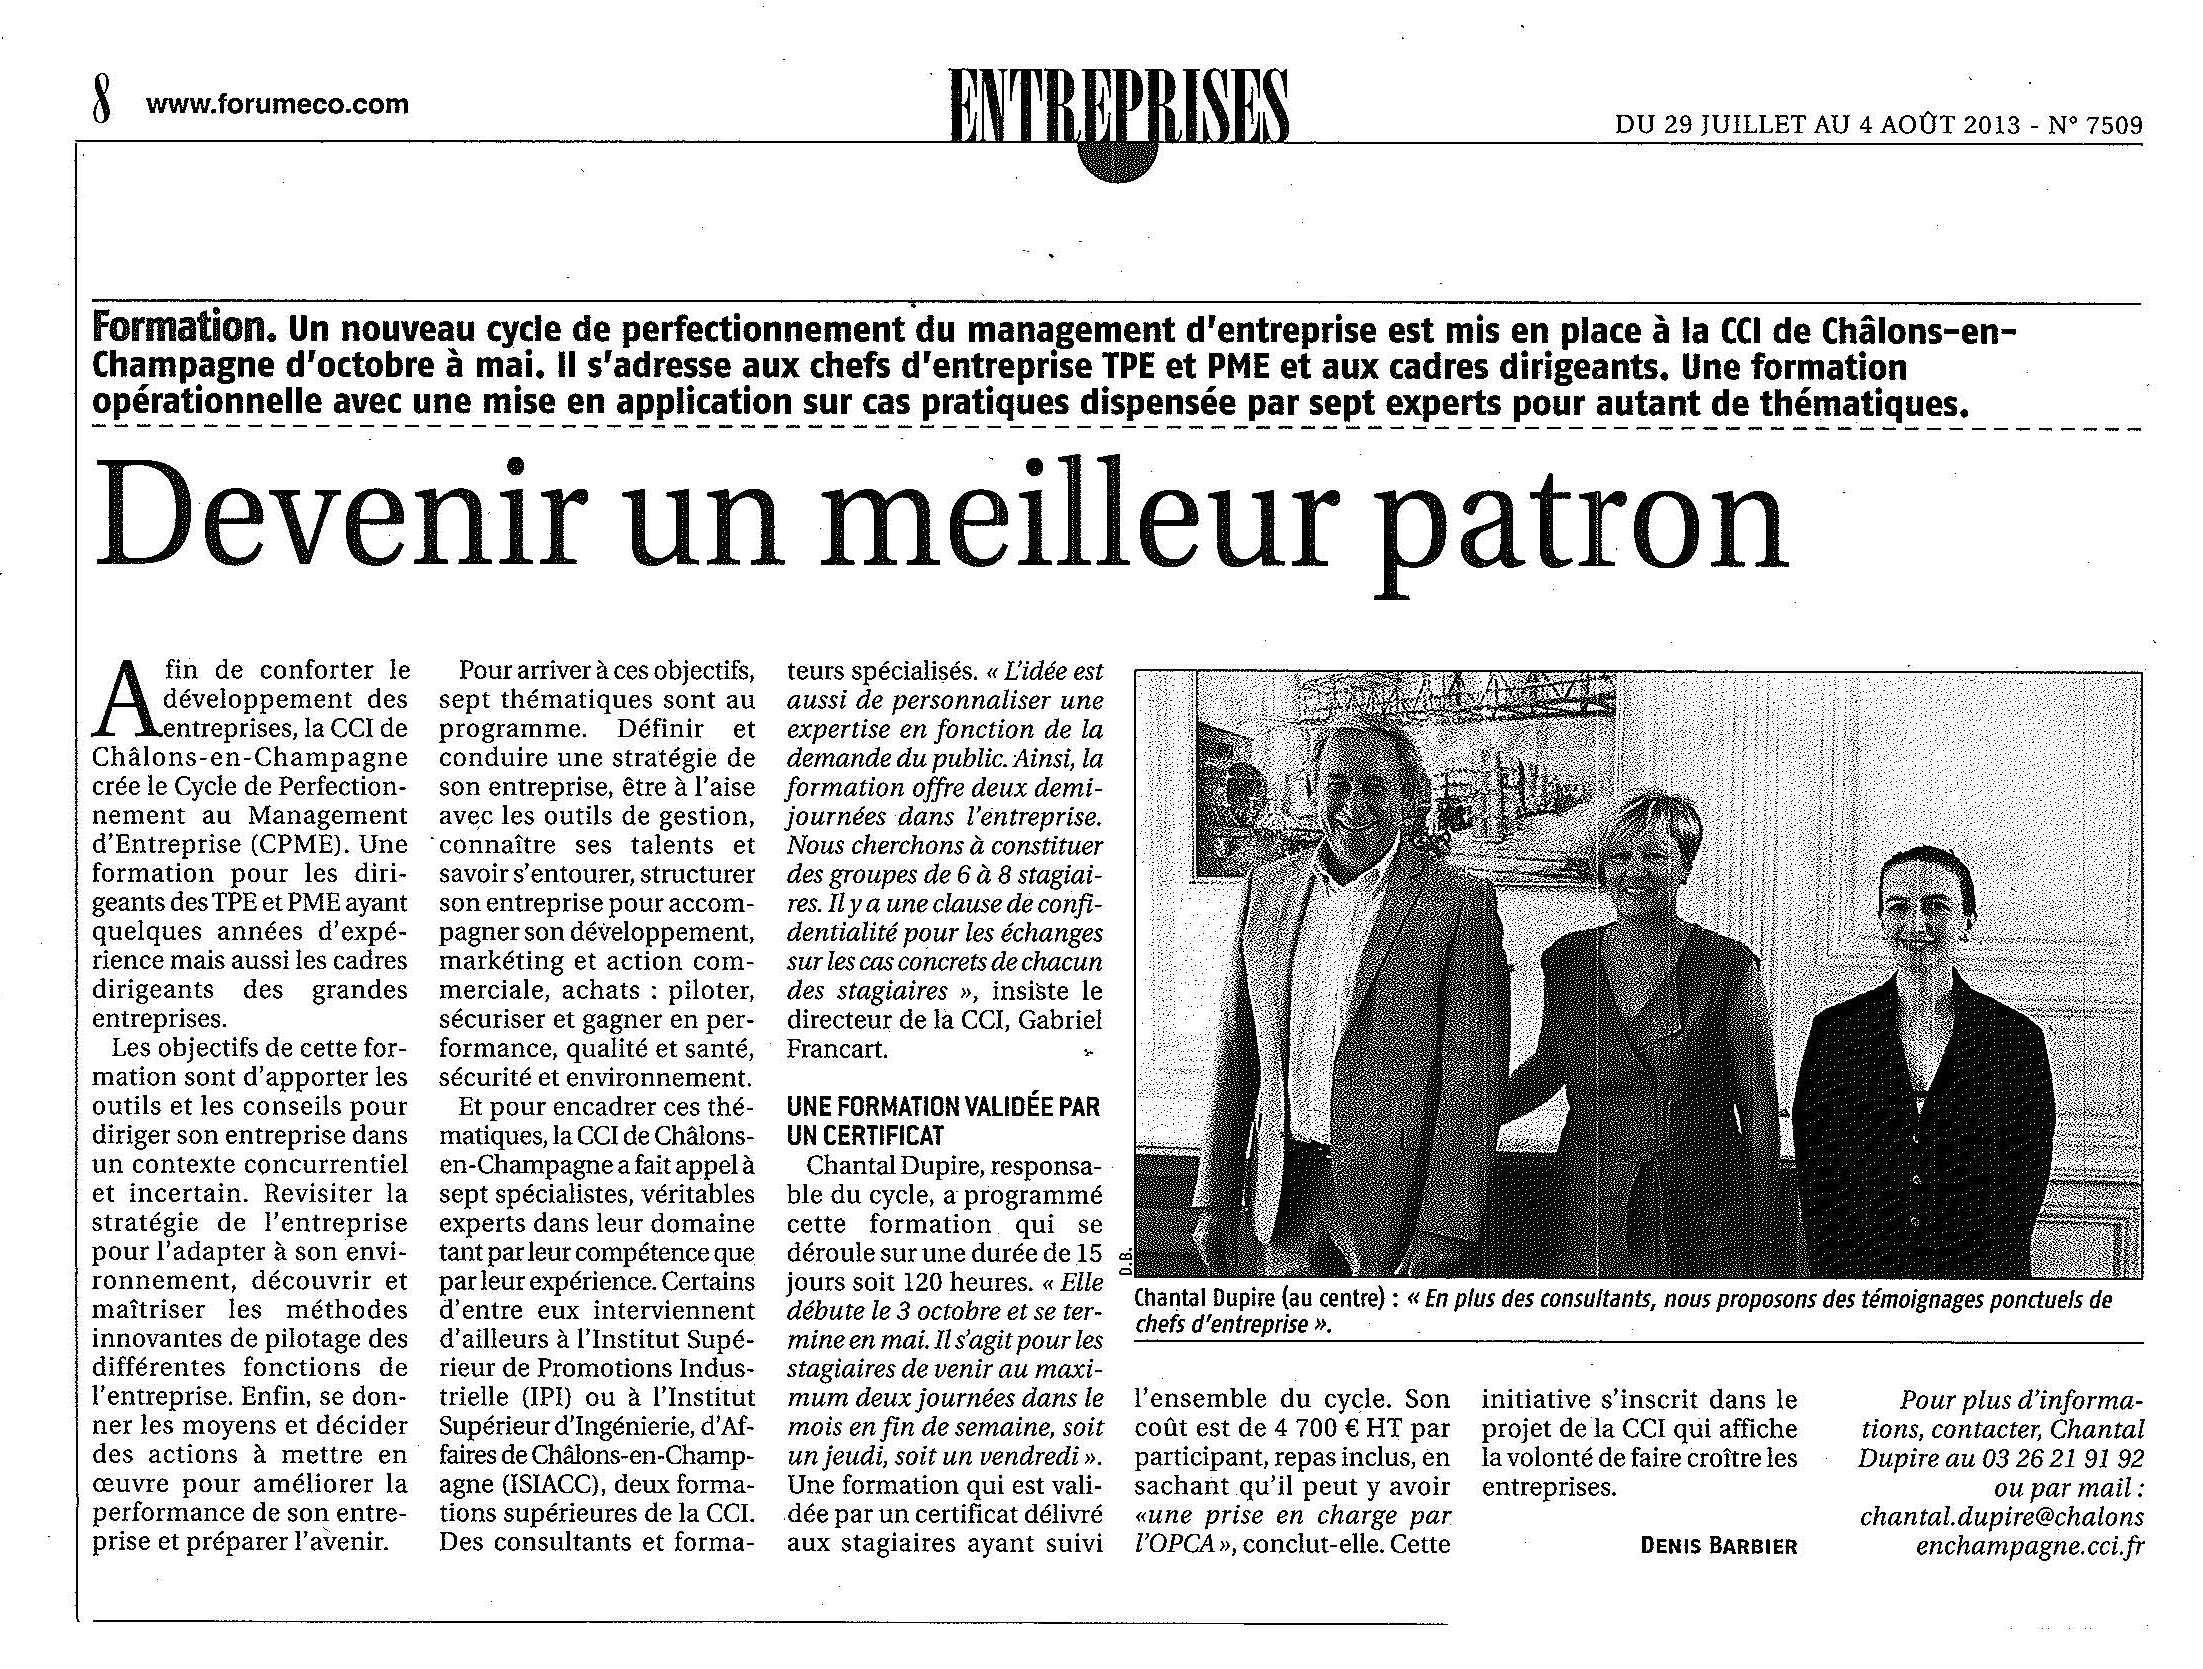 Cycle de Perfectionnement au Management d'Entreprise (CPME) Chantal Dupire (CCI de Châlons) entourée de JF Ledun (JFL Consultant) et Virginie Girault (Kresko Solutions).